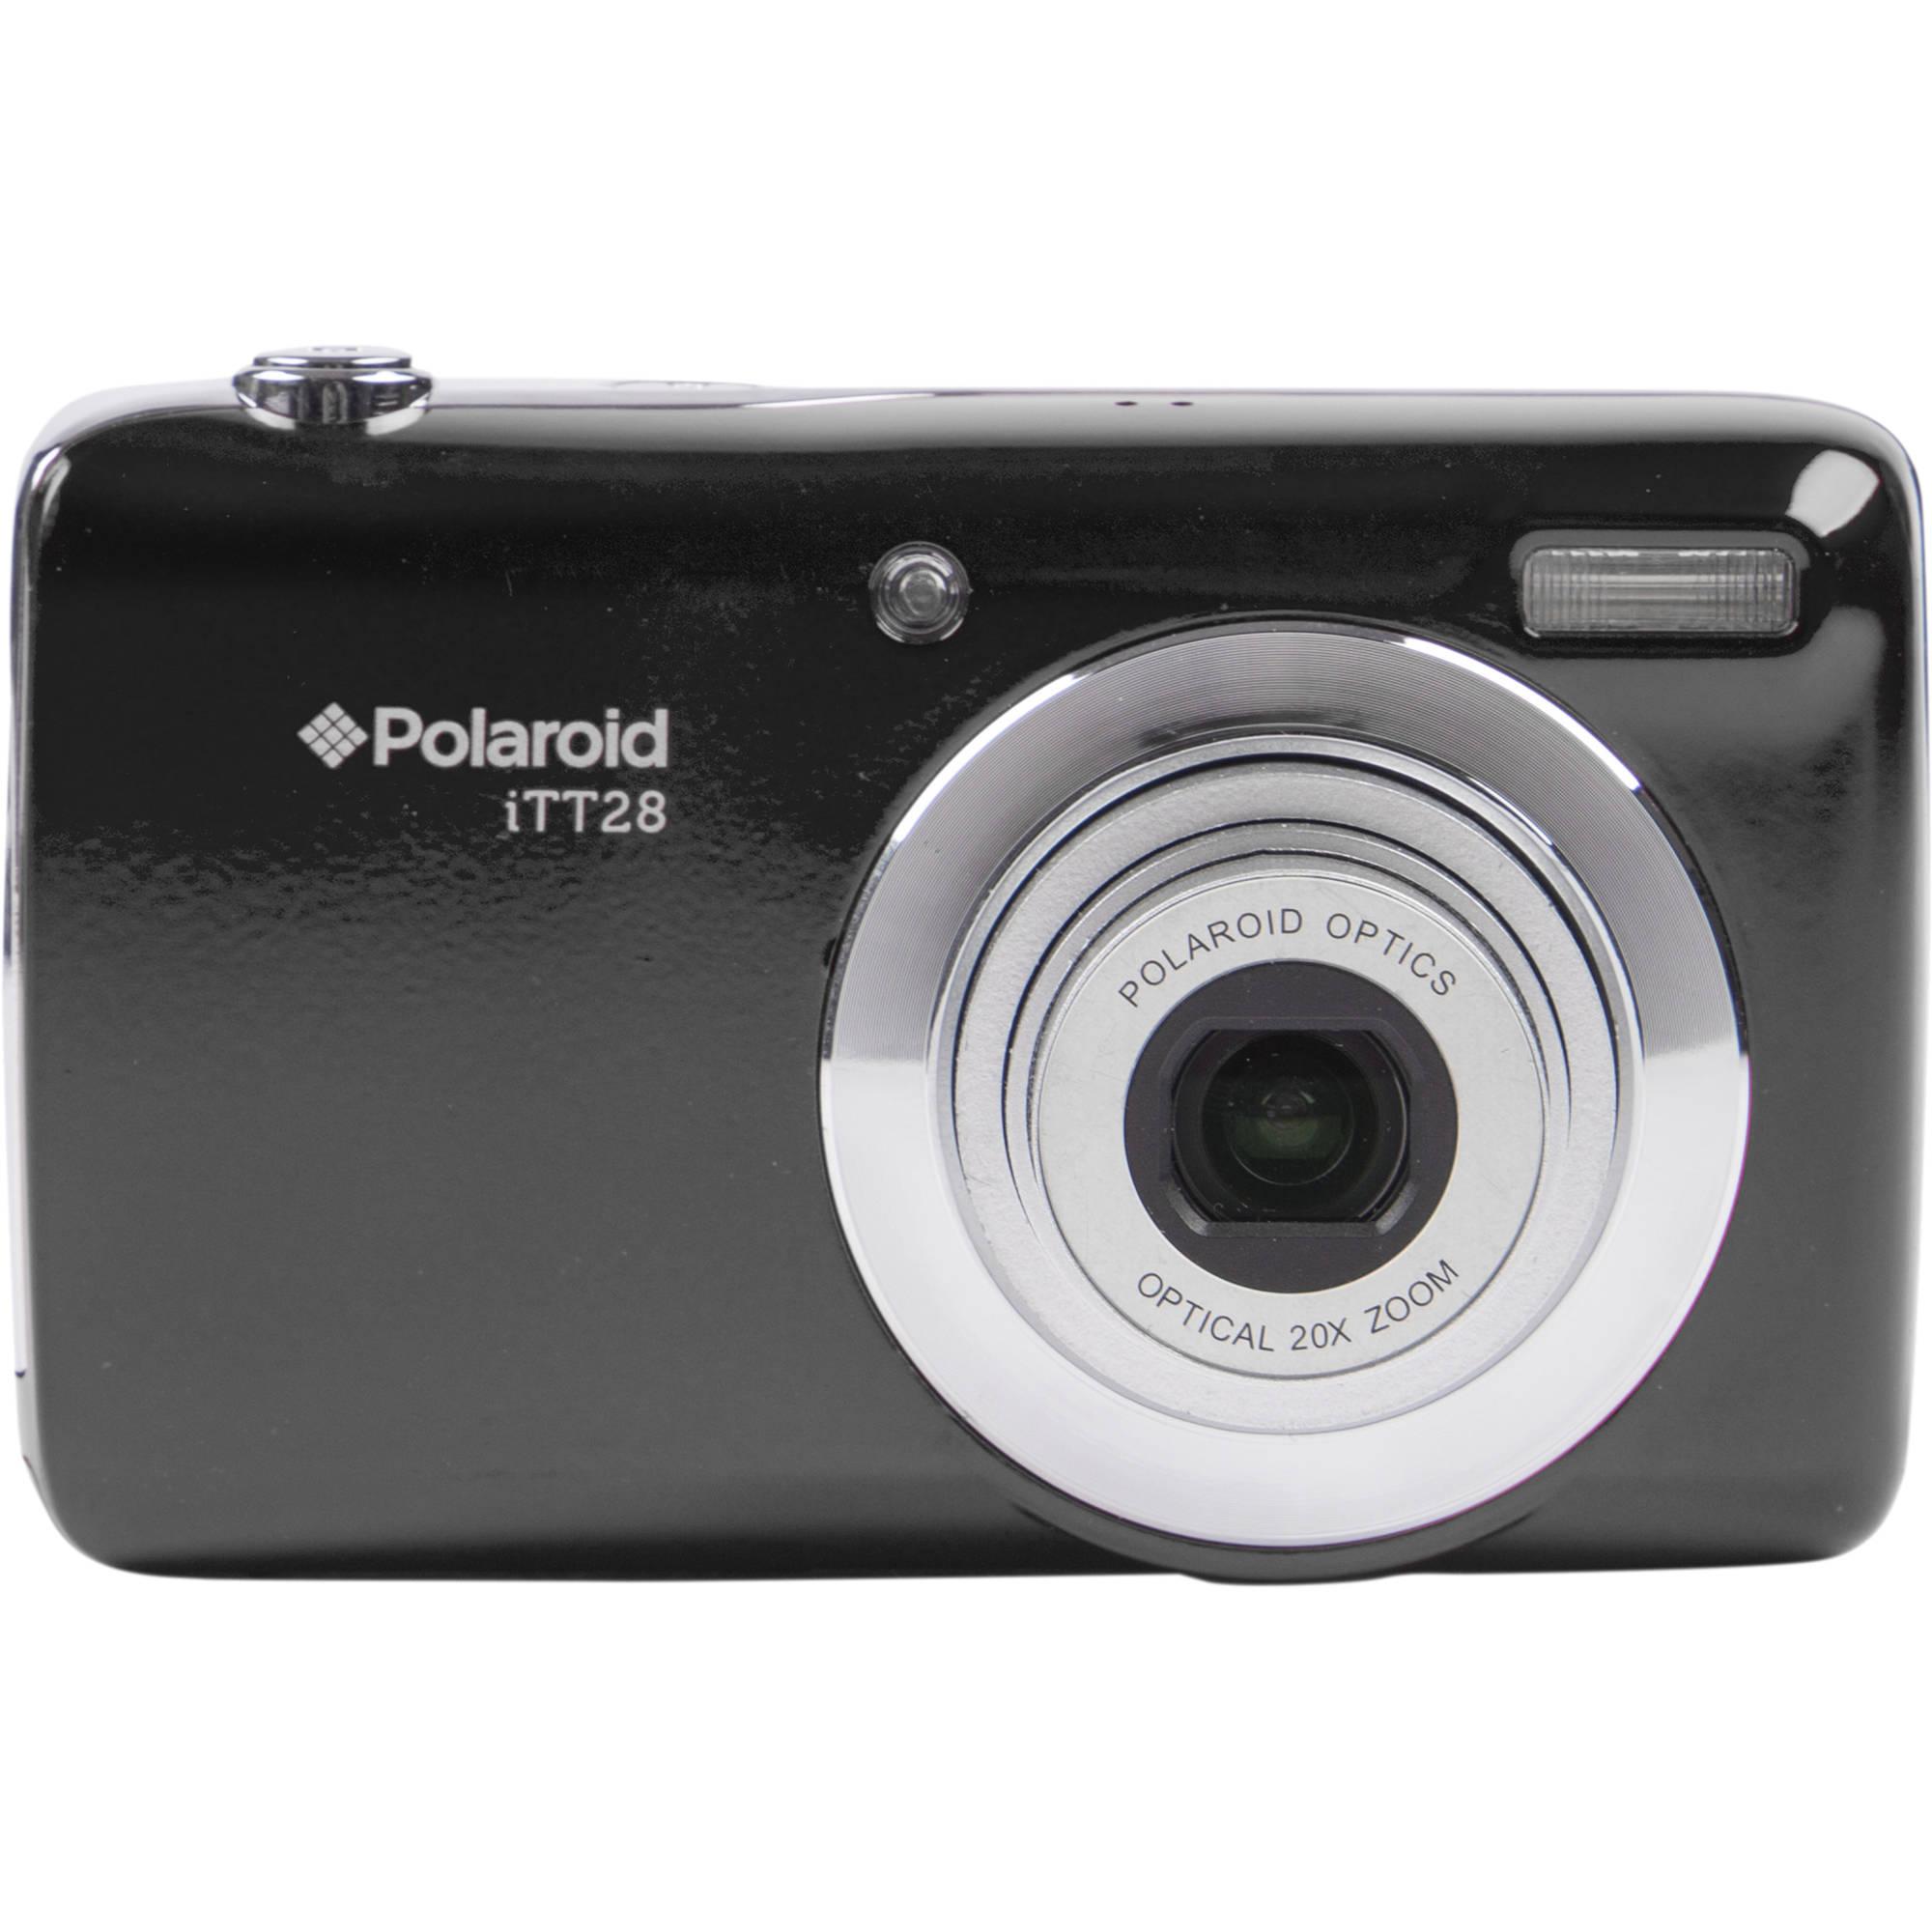 Polaroid iTT28 Digital Camera (Black)